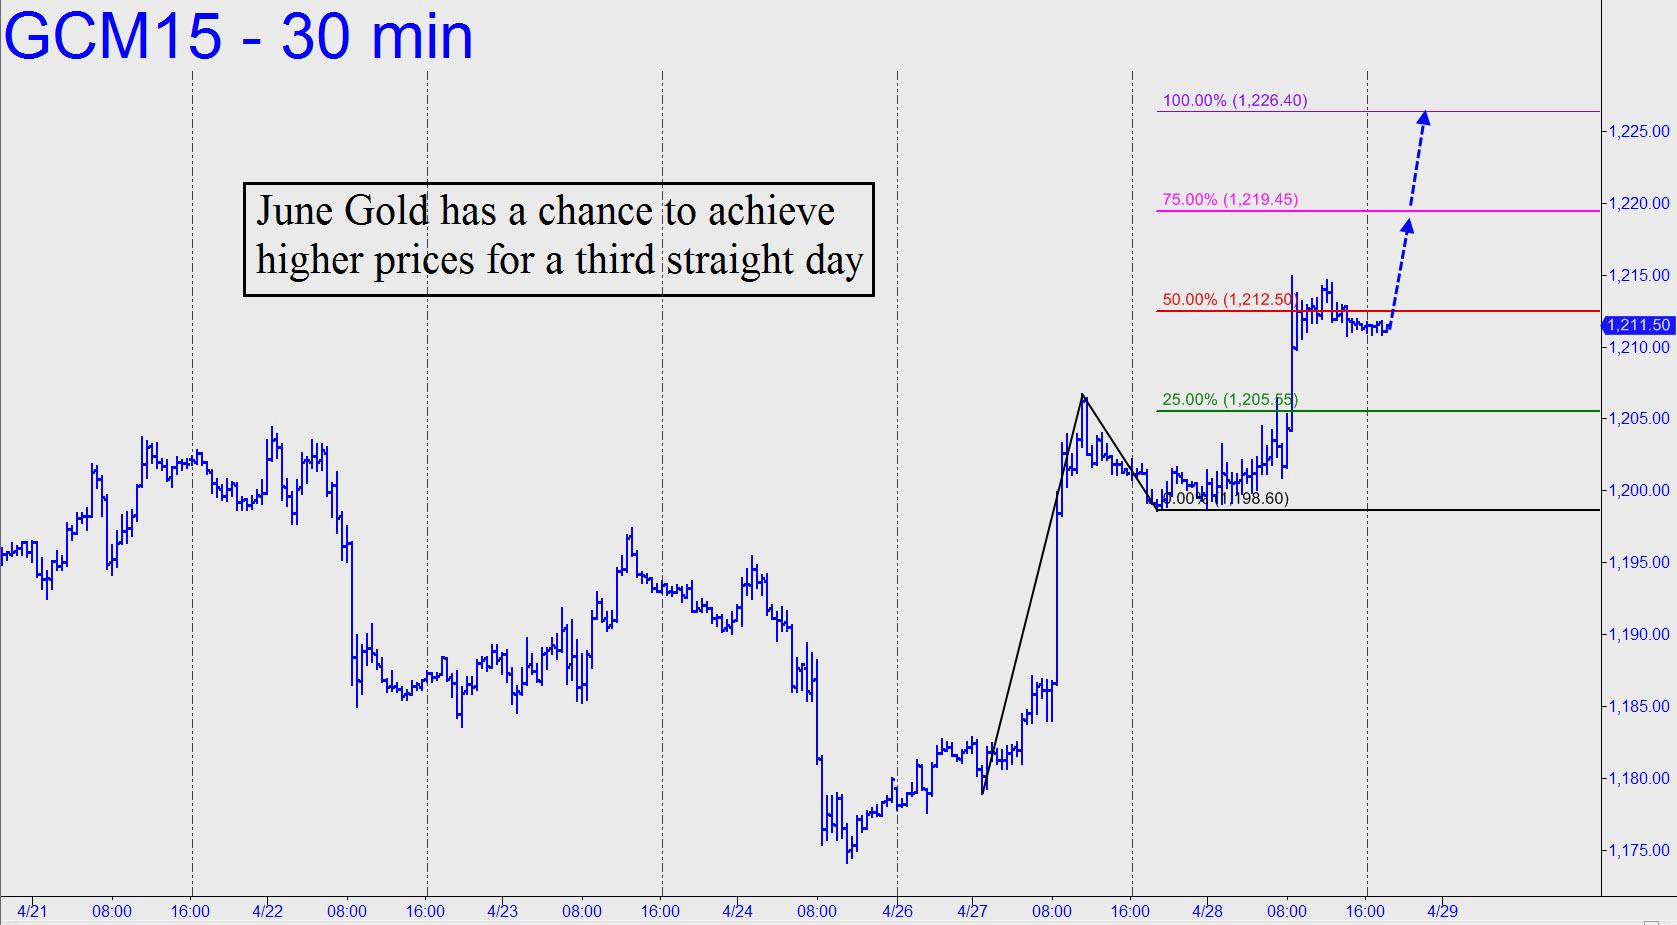 prix de l'or, de l'argent et des minières / suivi 2015 et ultérieurement - Page 3 June-Gold-has-a-chance